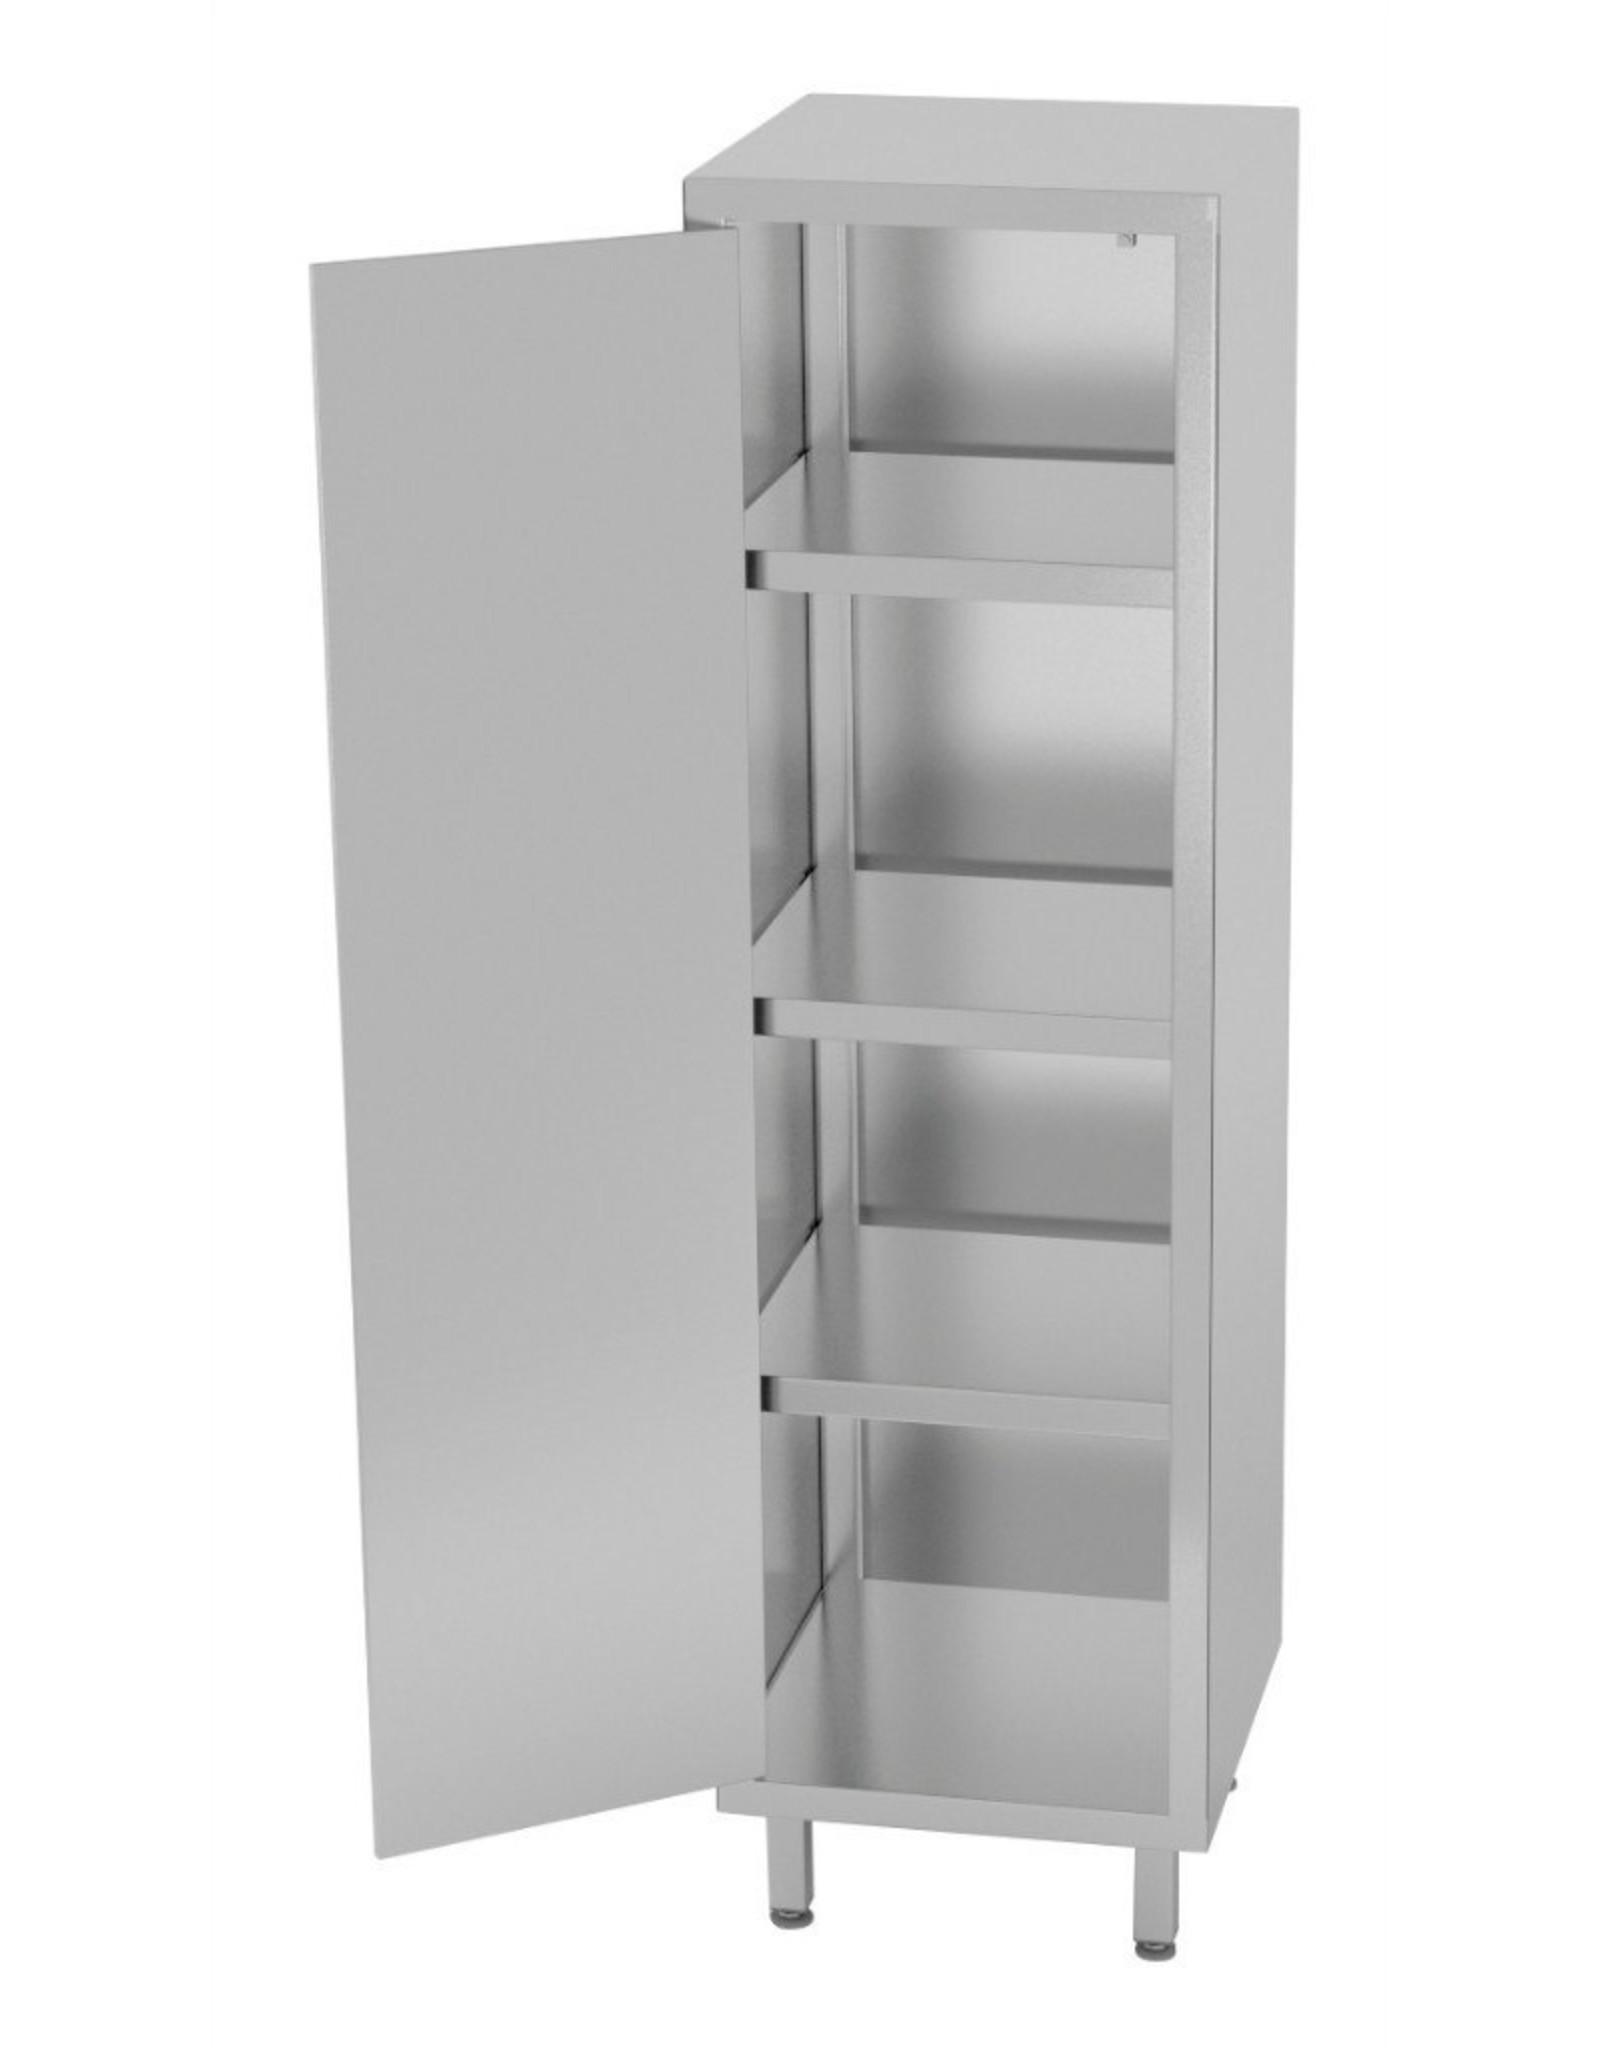 Kast met klapdeur   400-600mm breed   500-700mm diep   1800mm hoog